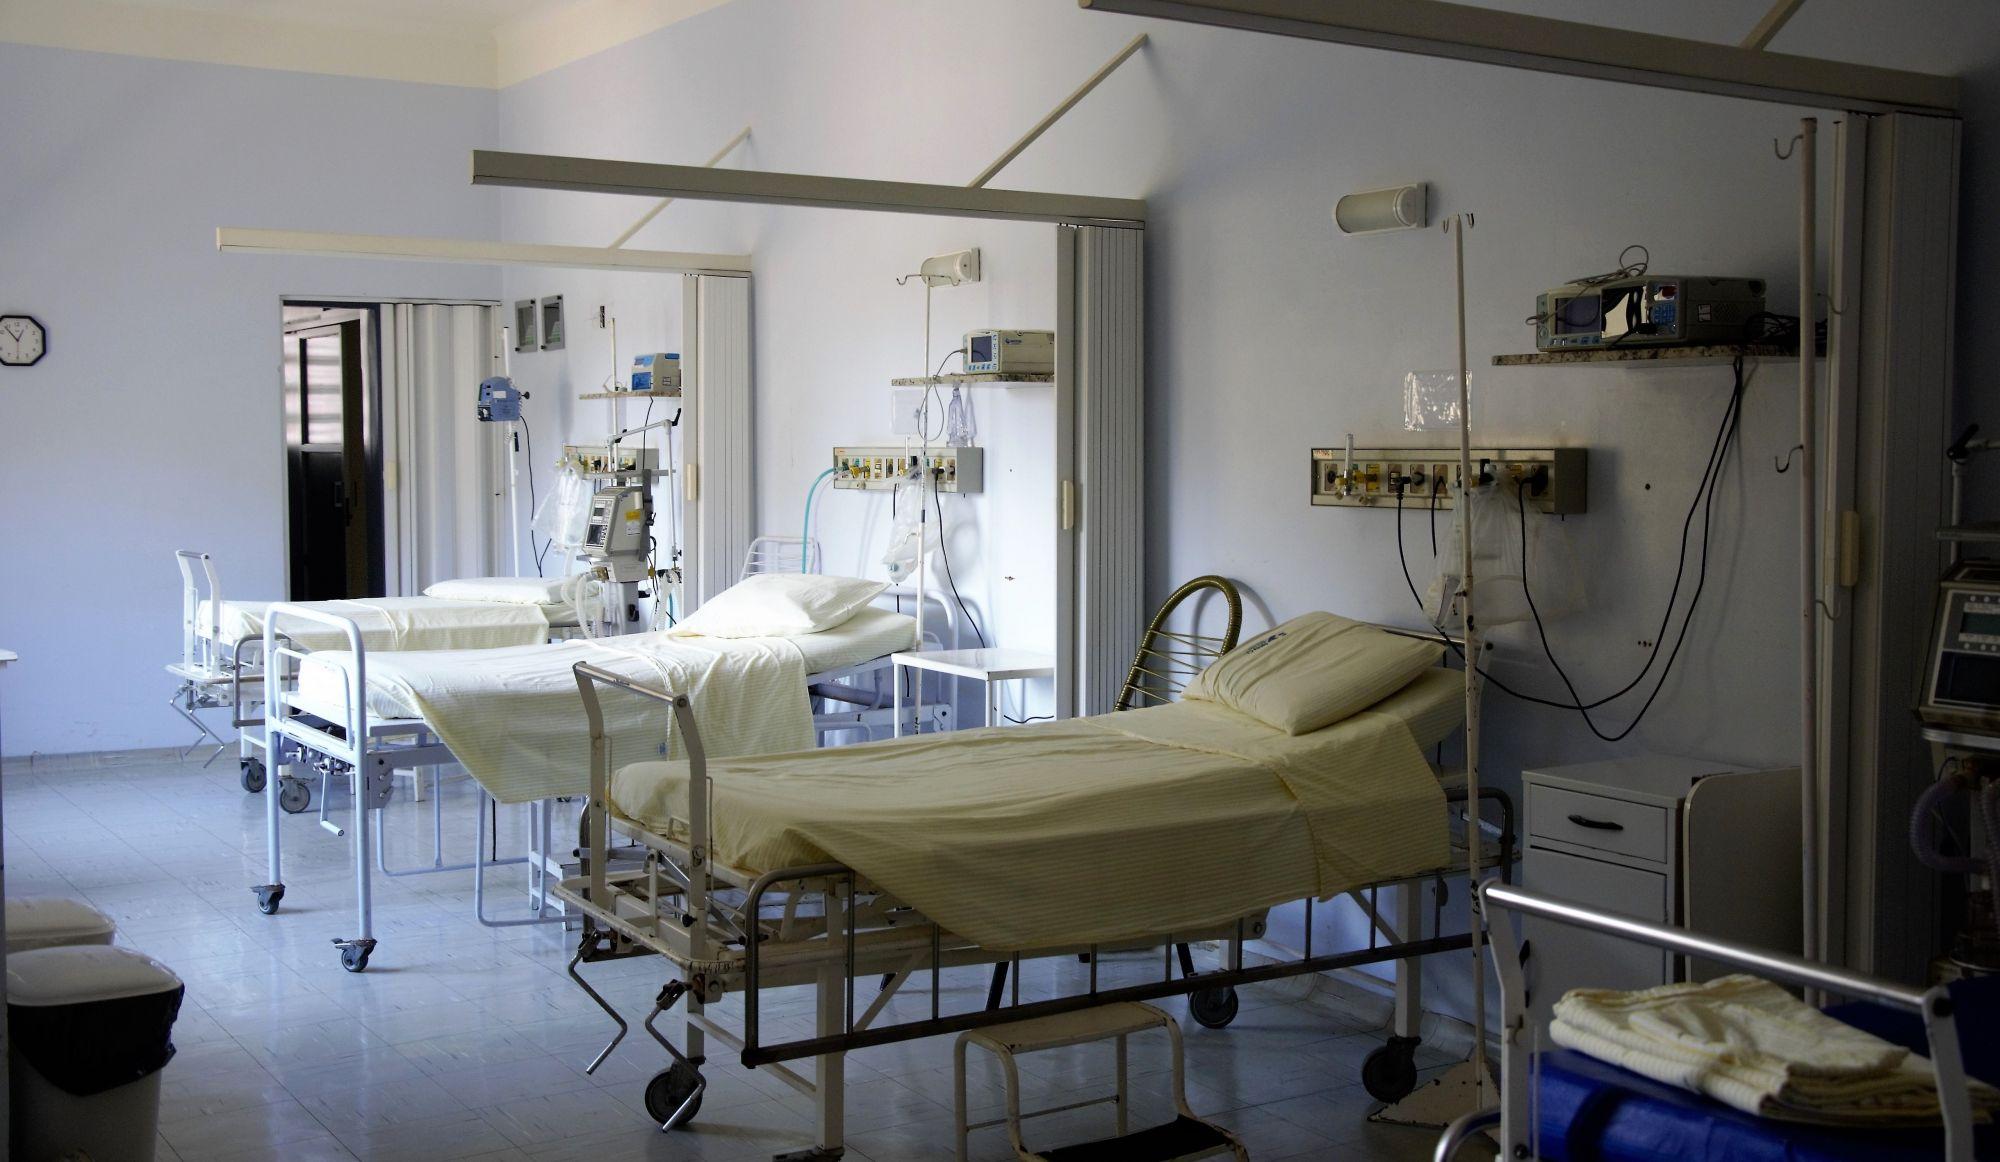 Amélioration du système de santé : «C'est de la grosse poudre aux yeux» - Manon Massé